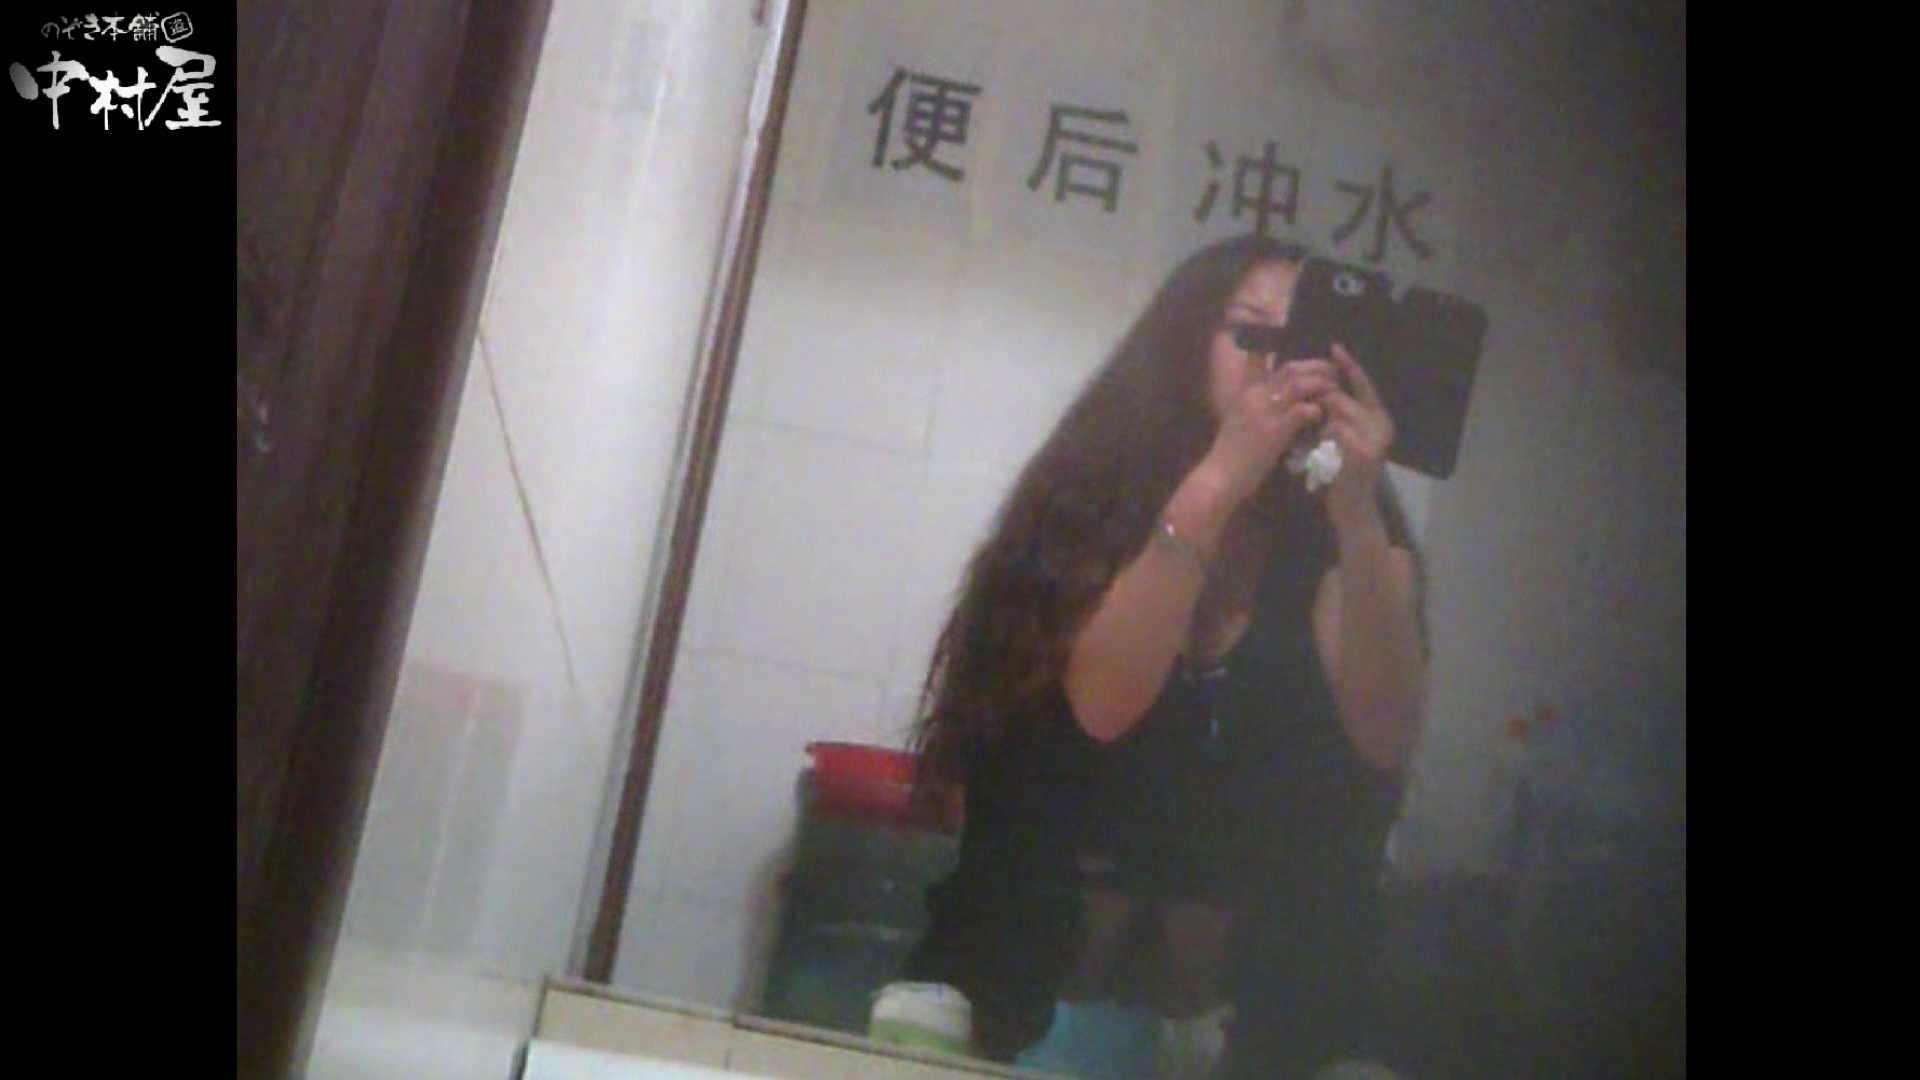 李さんの盗撮日記 Vol.03 エッチな盗撮 アダルト動画キャプチャ 101pic 101